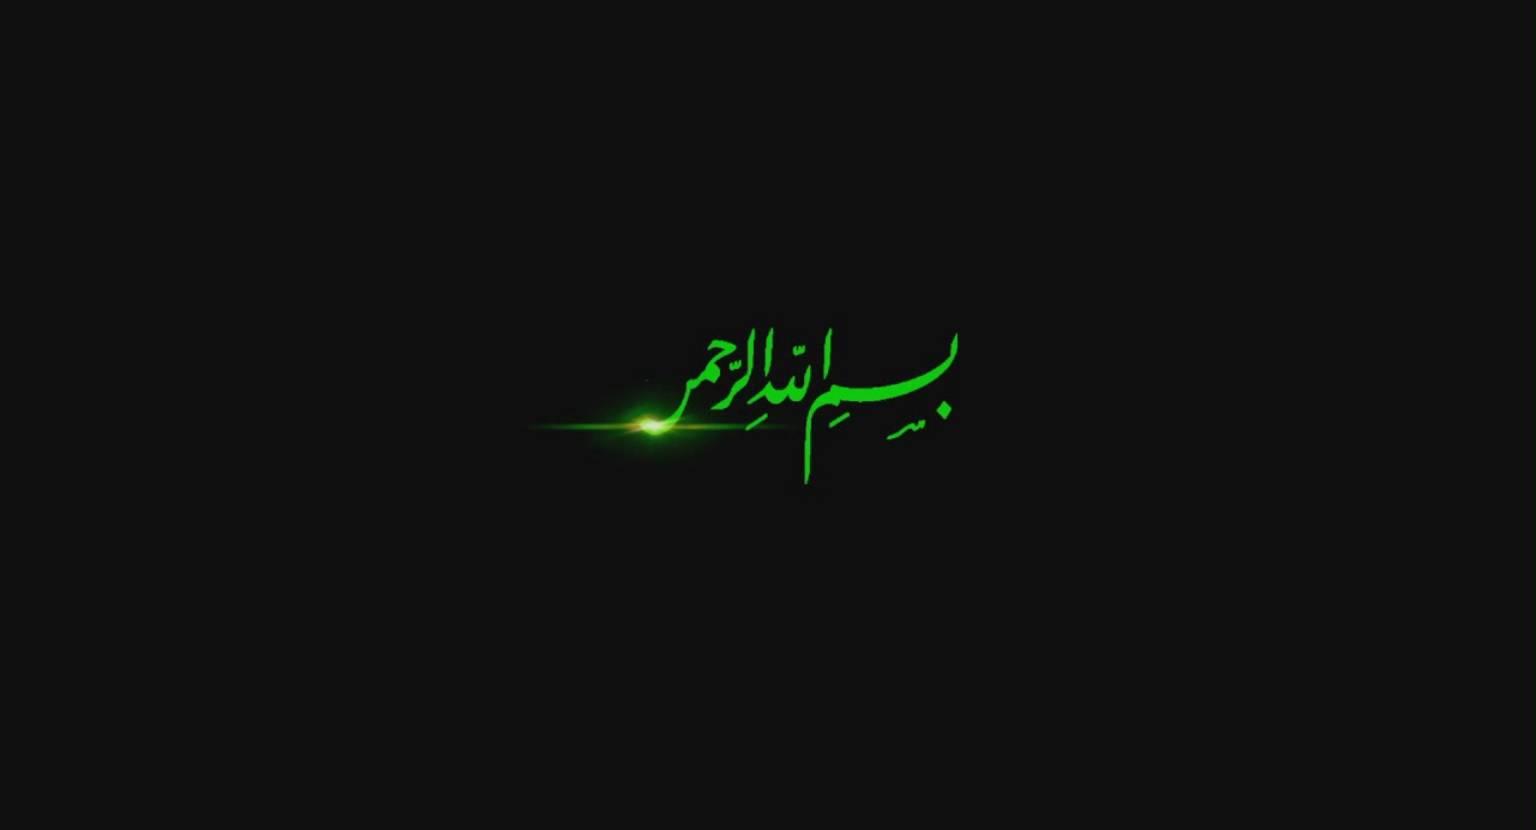 فوتیج بسم الله الرحمن الرحیم 4